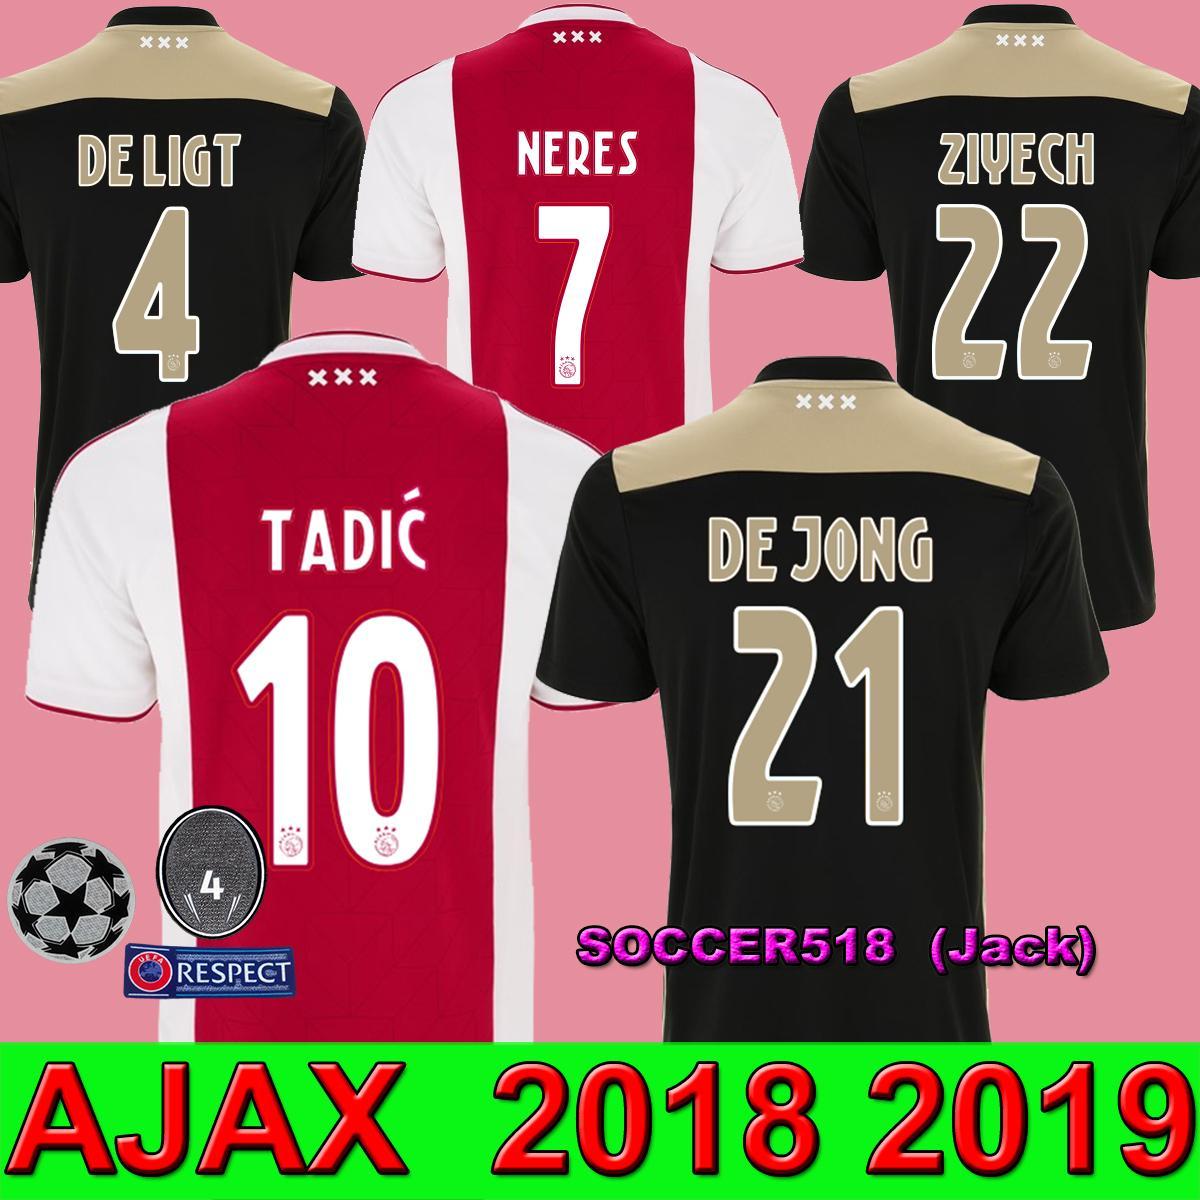 560e8ad1a 2019 Ajax Amsterdam DE JONG SCHONE 2019 Home Red Soccer Jerseys NERES TADIC  DE LIGT Away Black Football Shirts ZIYECH DOLBERG Maillots De Foot From ...